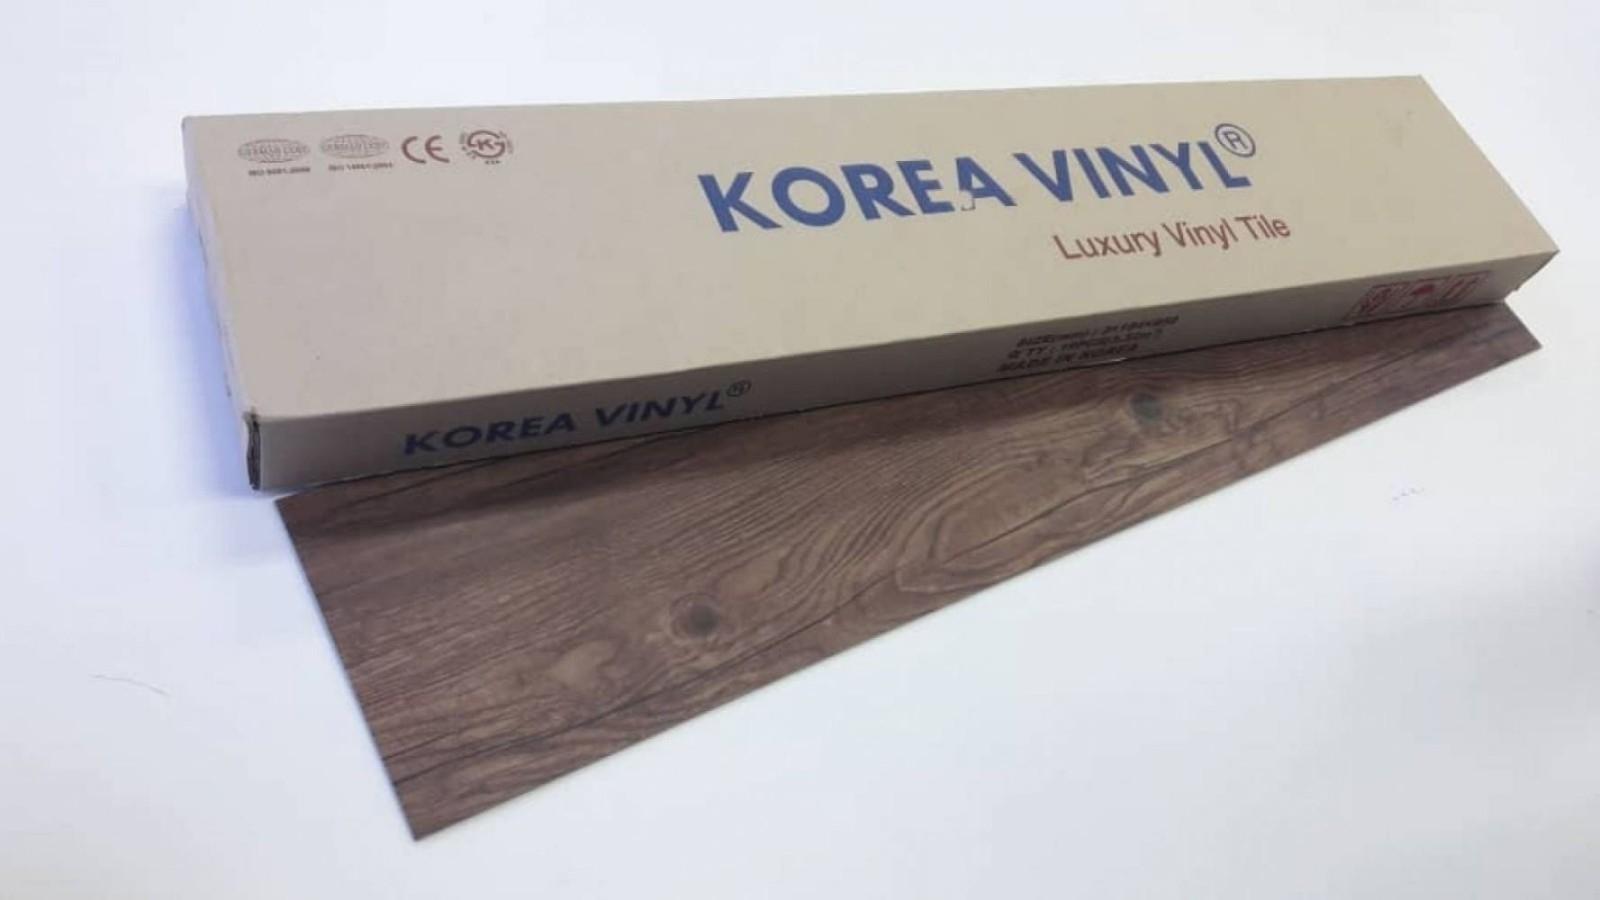 (KV-1902) Korea Luxury Vinyl Flooring 3mm - Rustic Barnwood